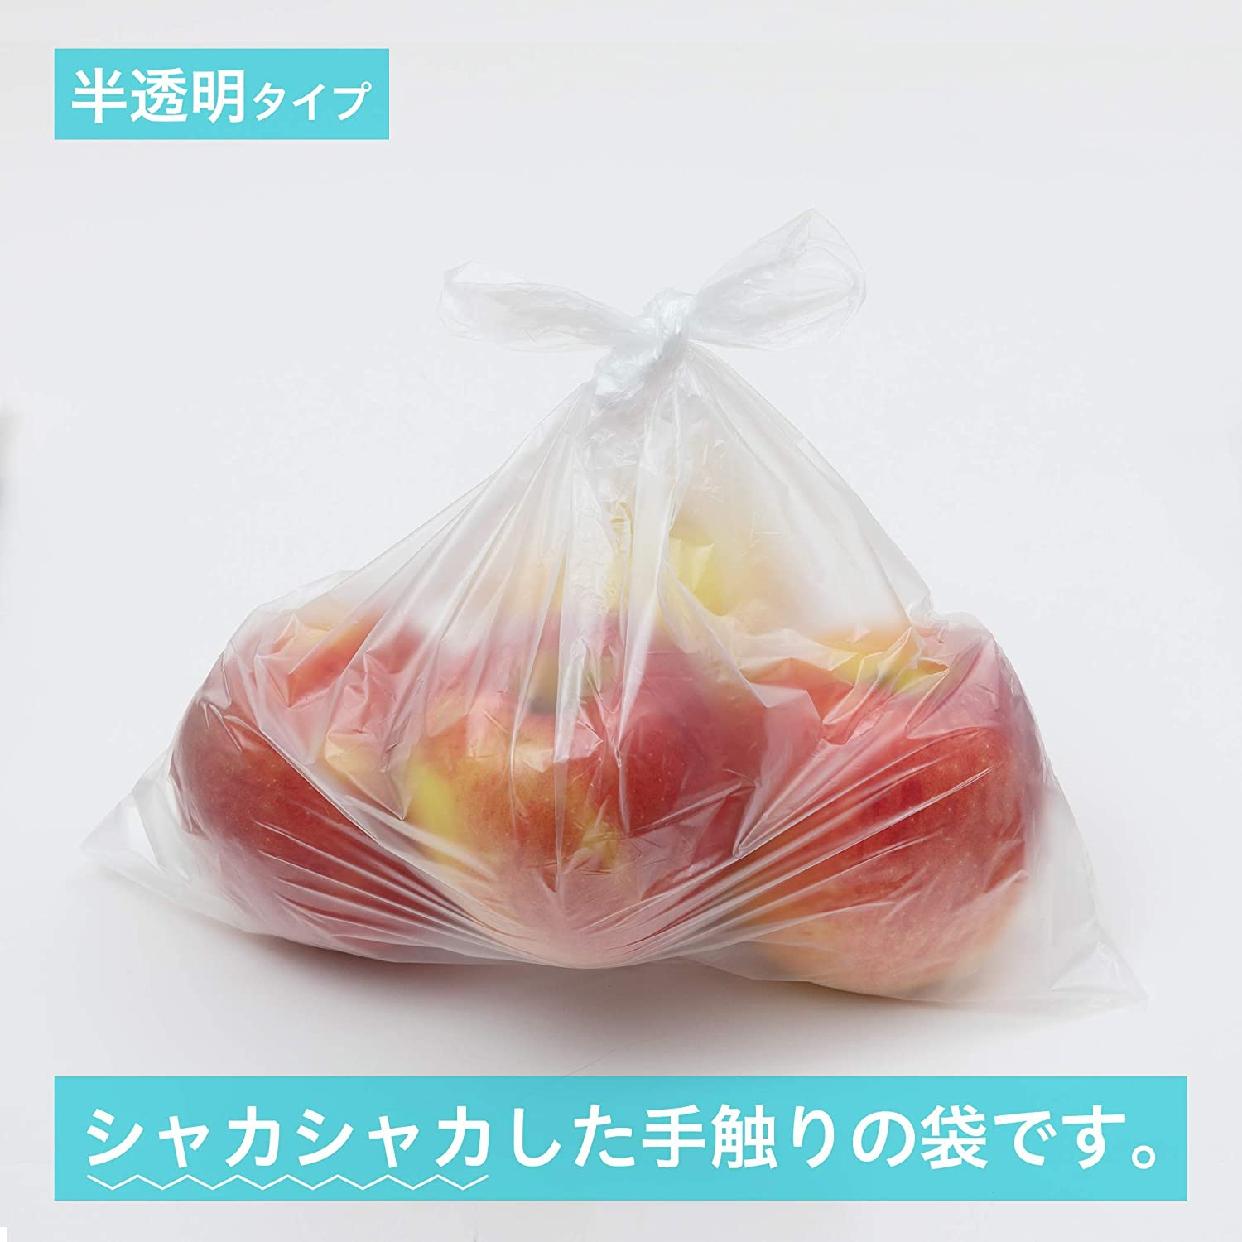 CHEMICAL JAPAN(ケミカルジャパン) とくとくフリーザー用 食品袋 CT-14の商品画像3